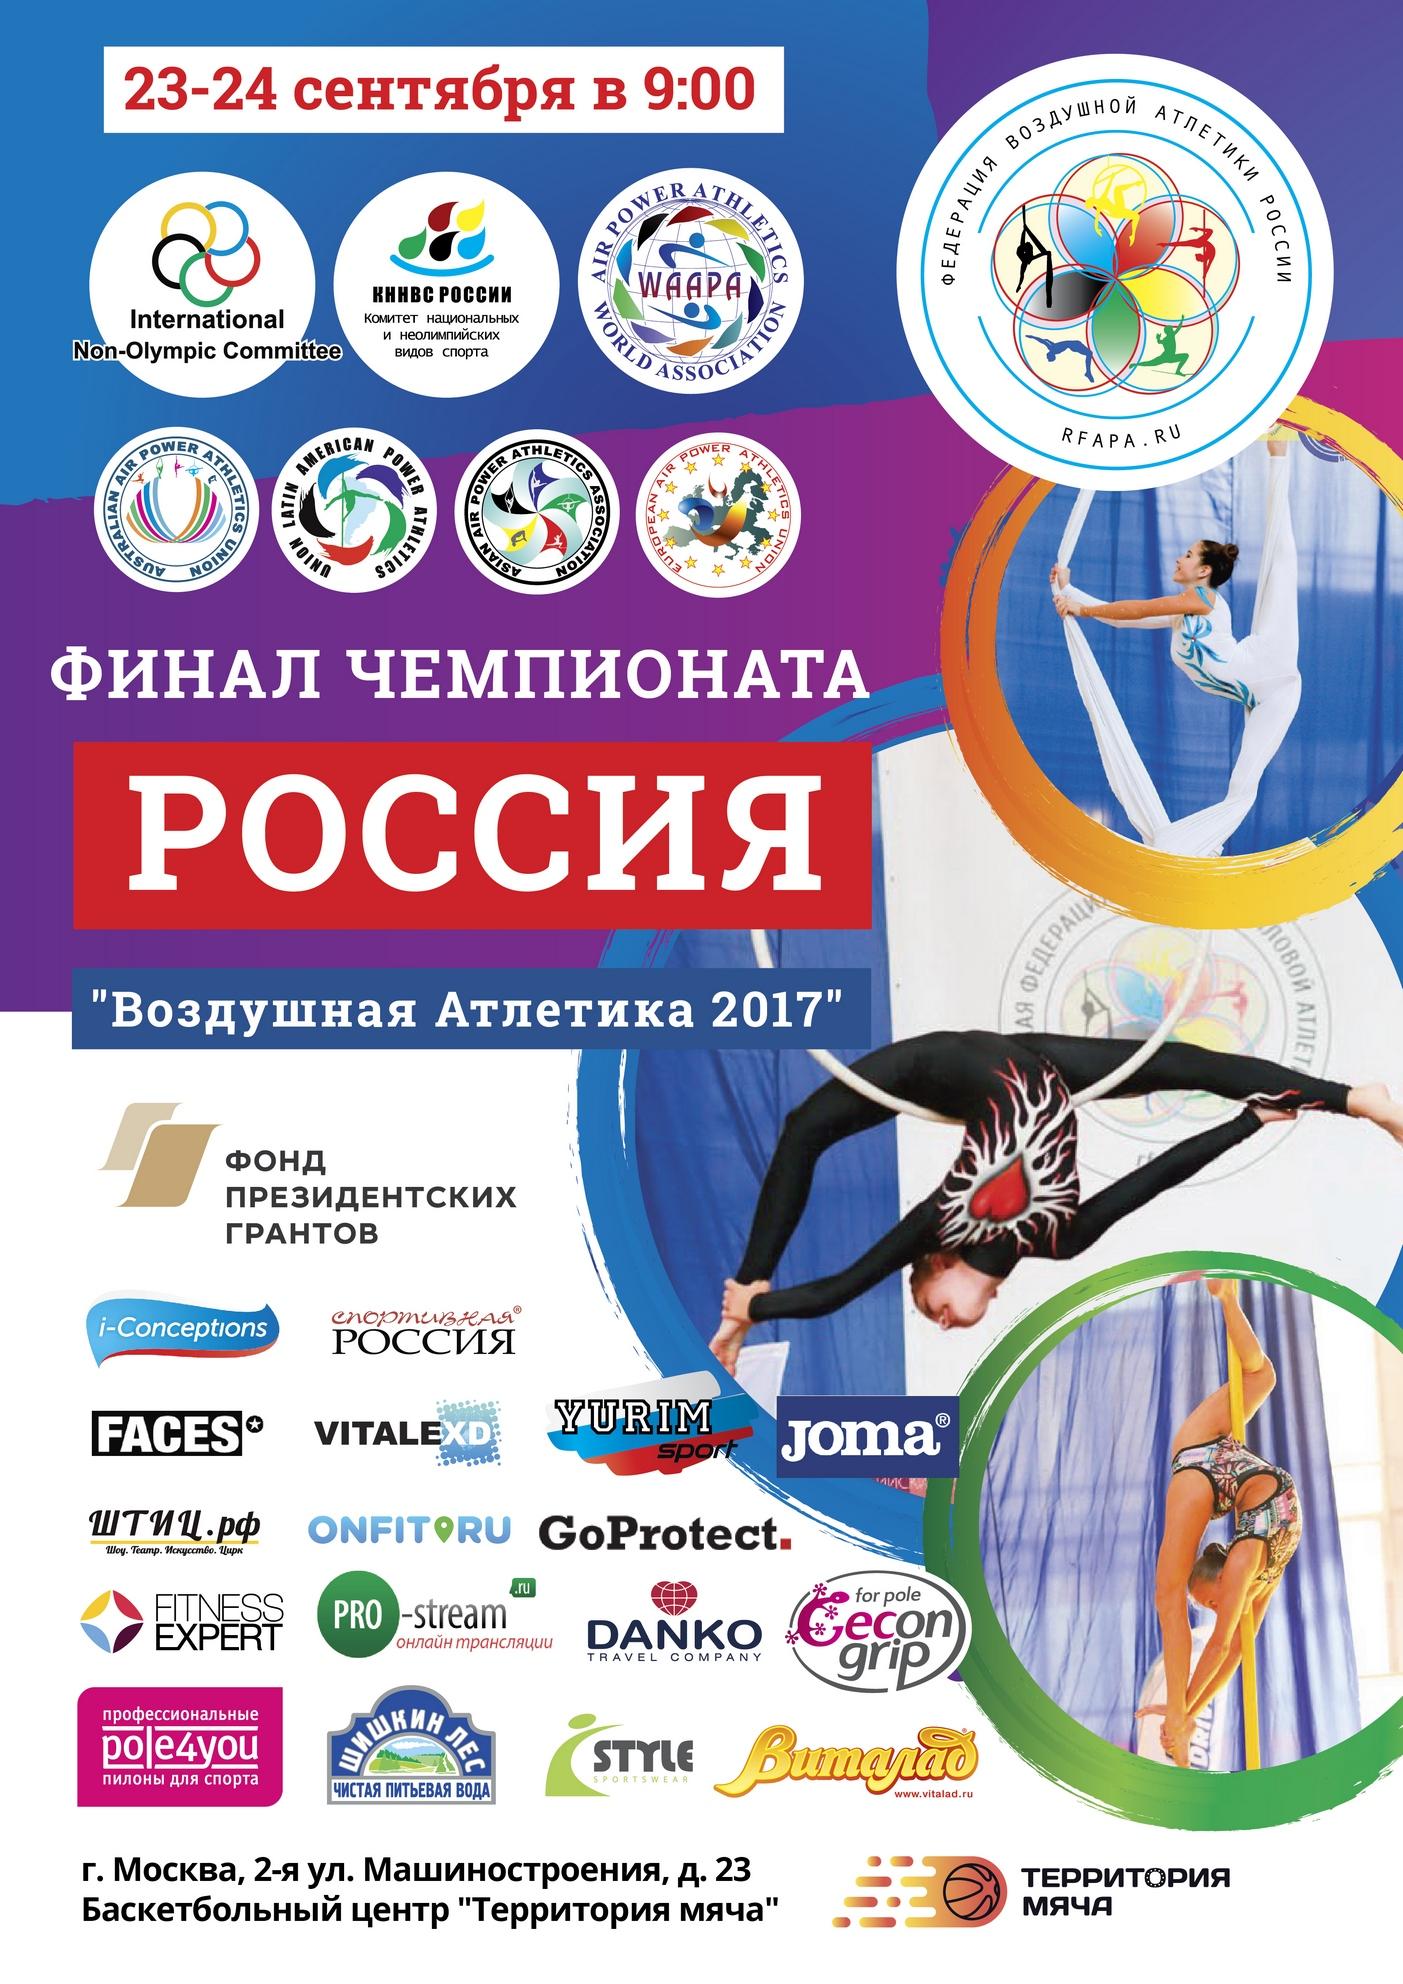 Финал чемпионата России по Воздушной Атлетике 2017